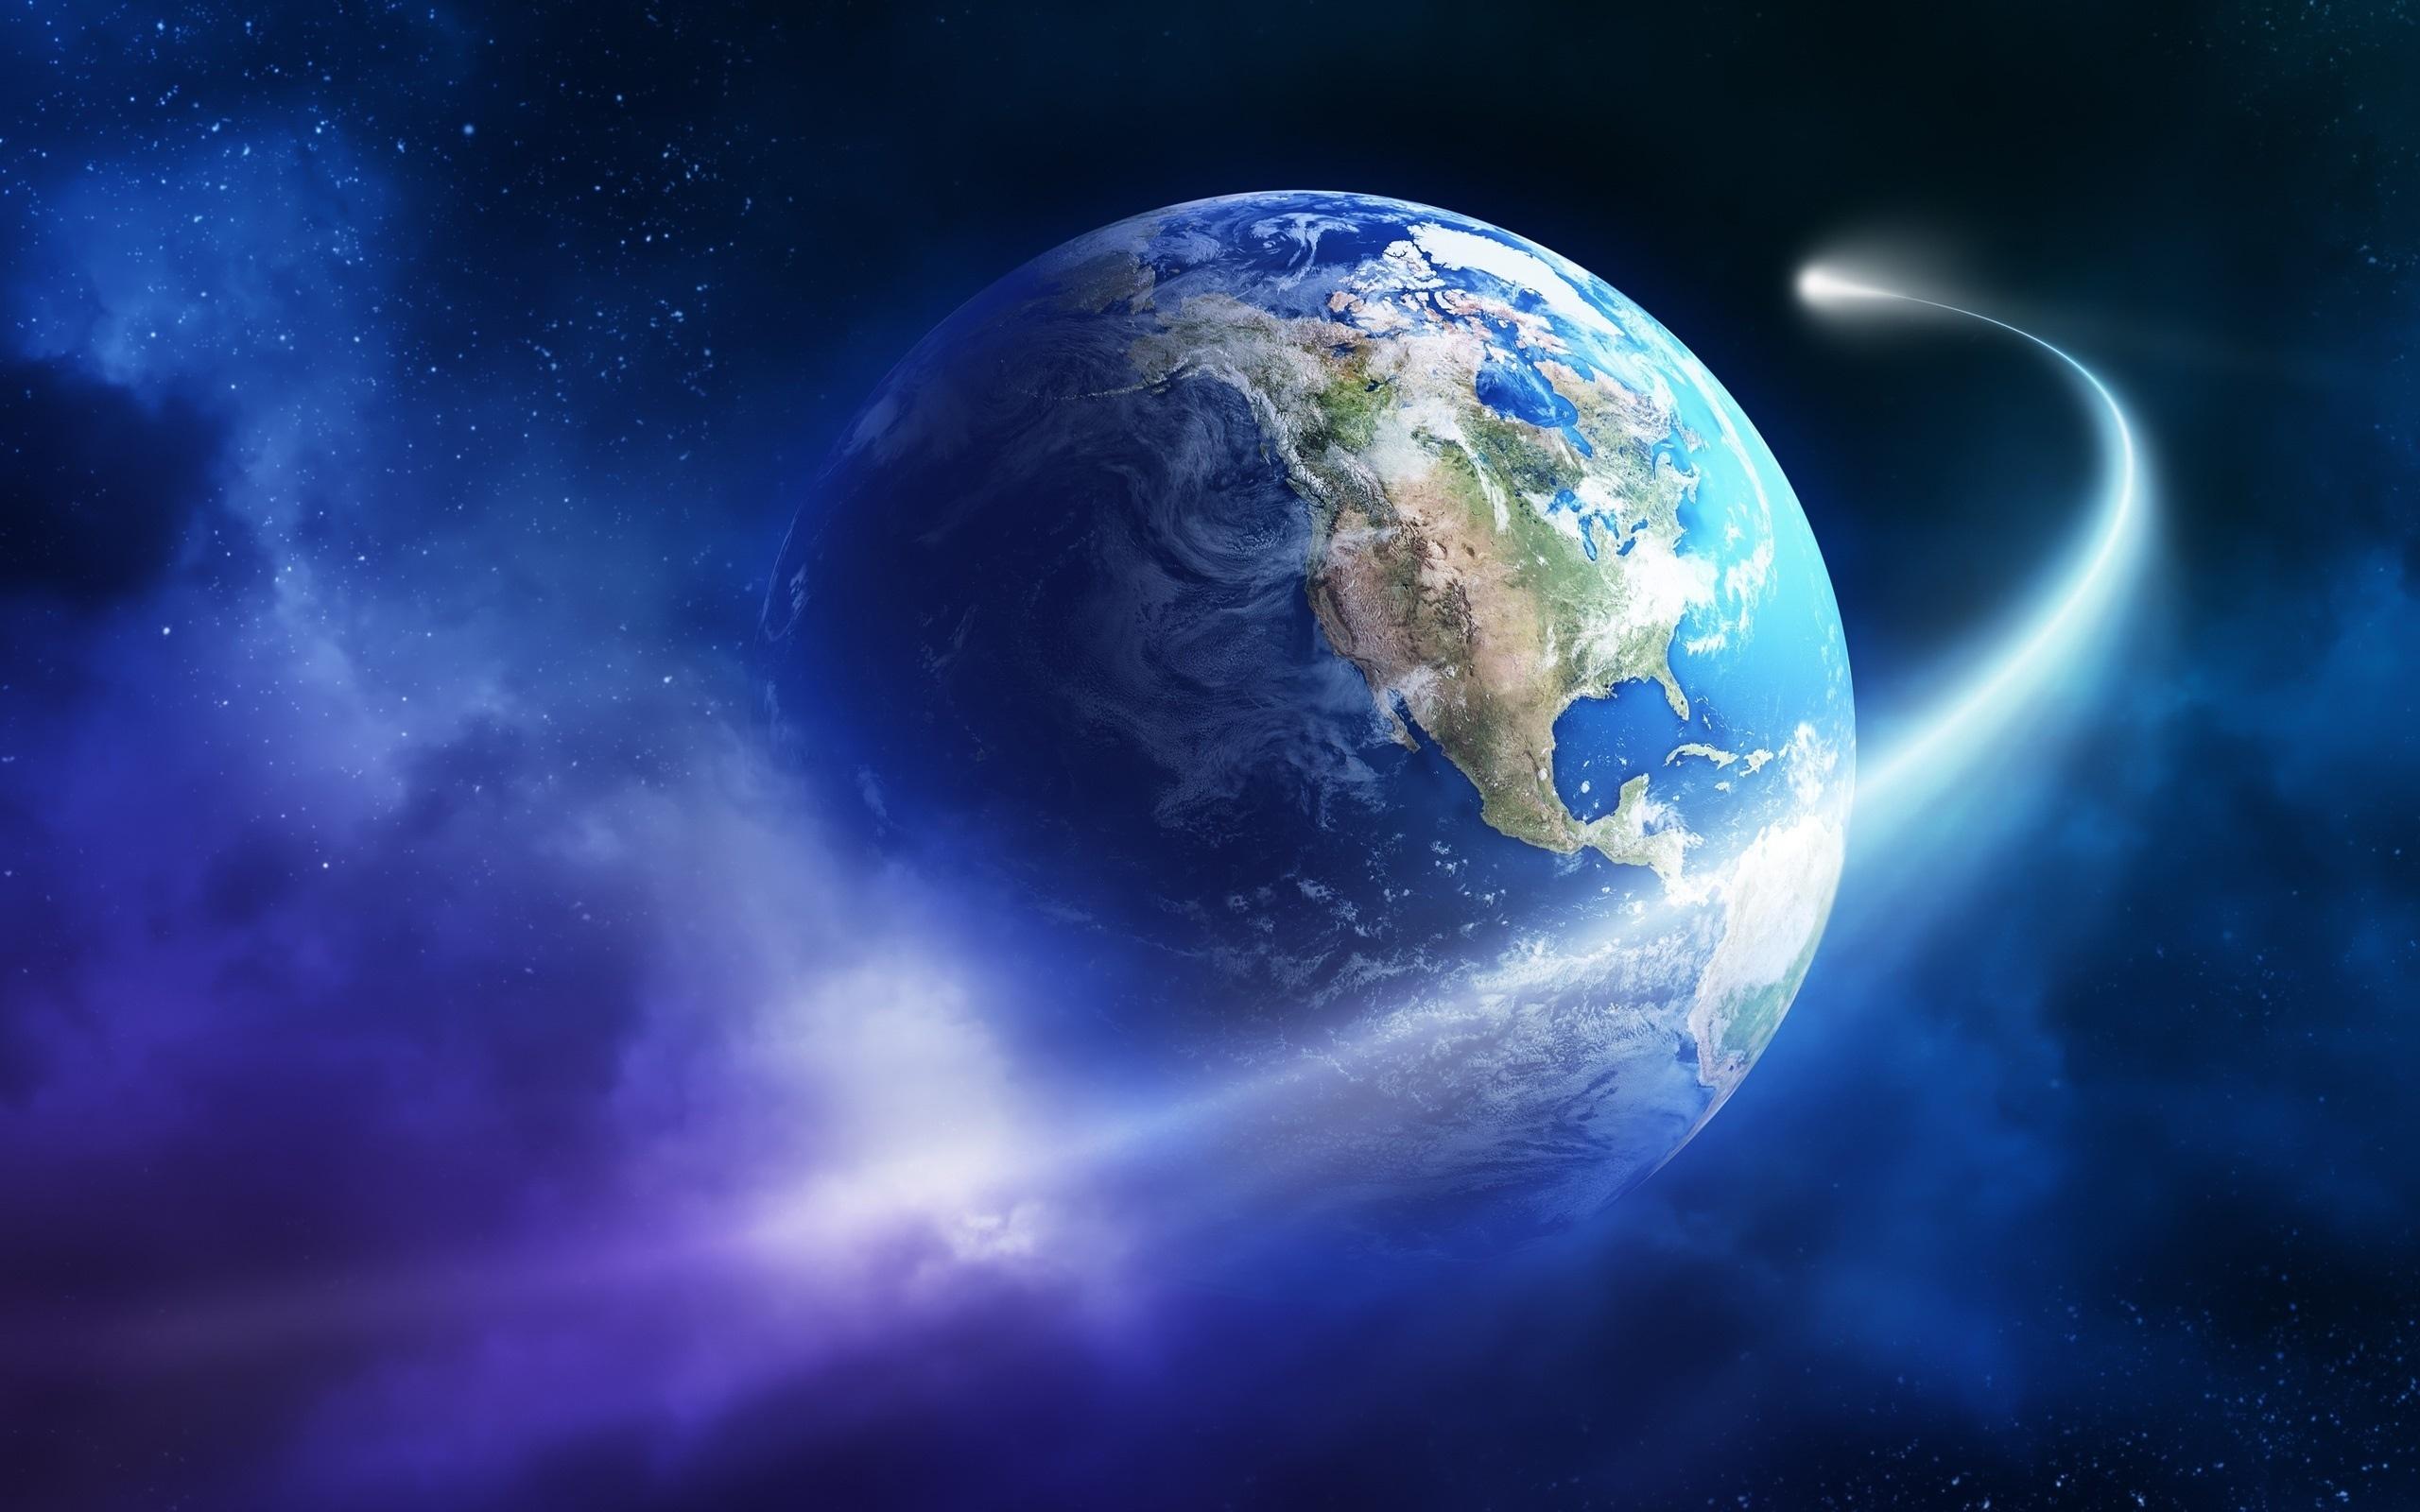 картинка планета земля на фоне космоса самая